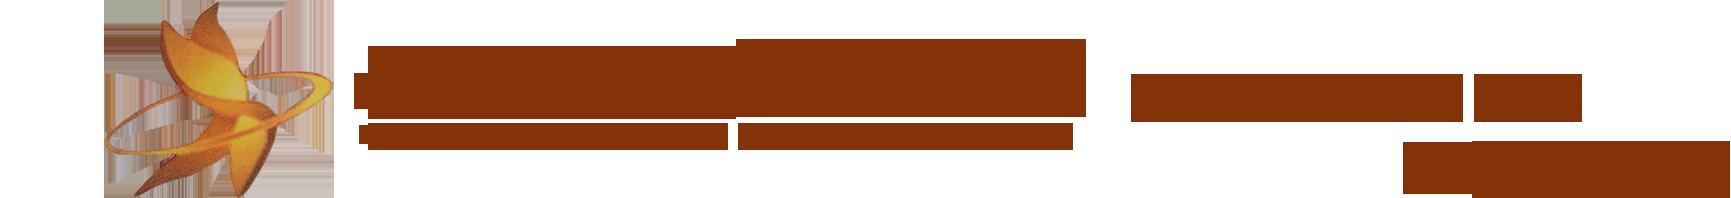 兰州ag旗舰厅官网苹果版下载机电有限公司